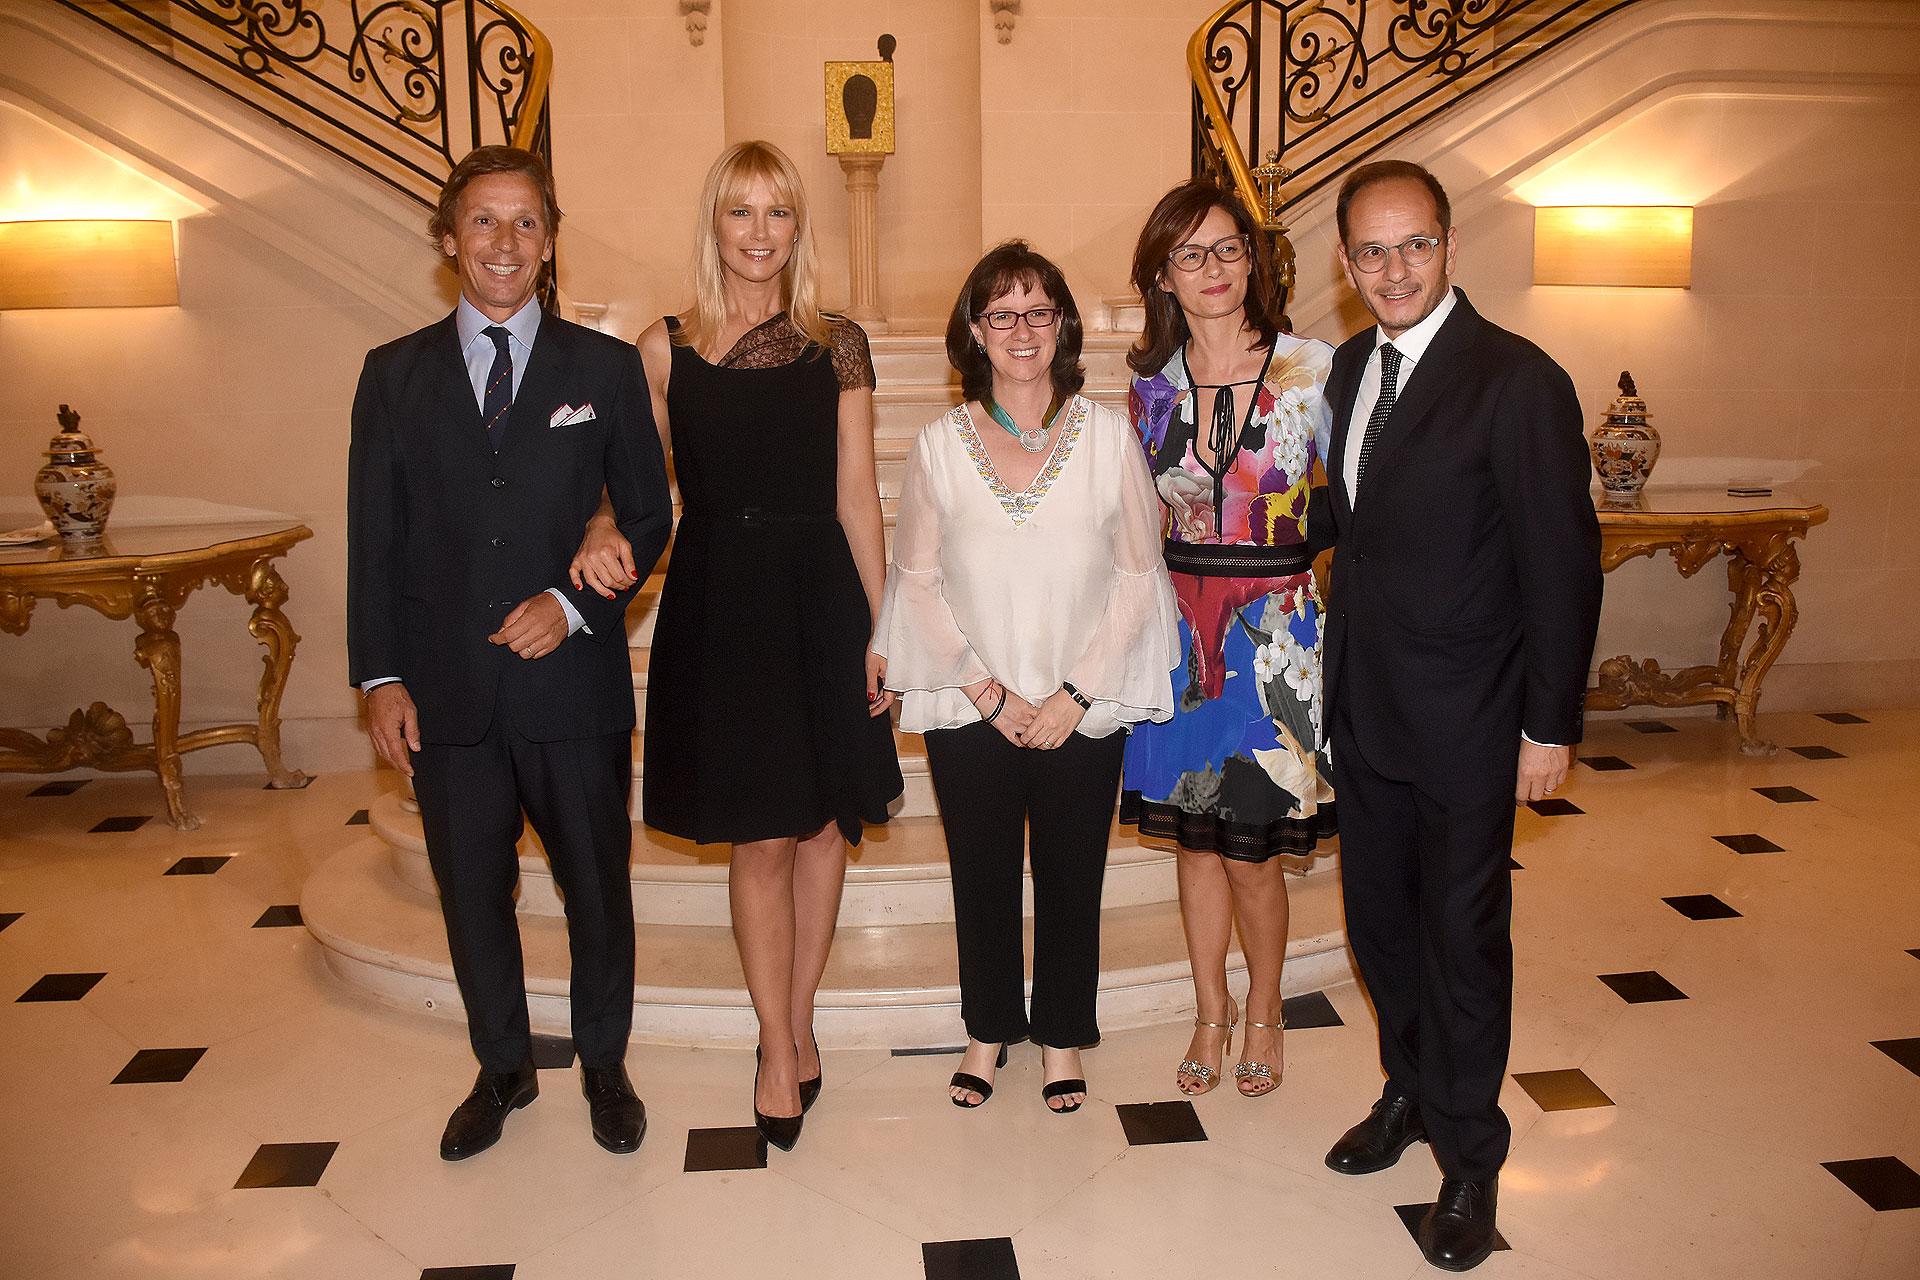 Alejandro Gravier y Valeria Mazza junto a Olga Izasa, representante adjunta de UNICEF Argentina, el embajador de Italia, Giuseppe Manzo, y su mujer Alma